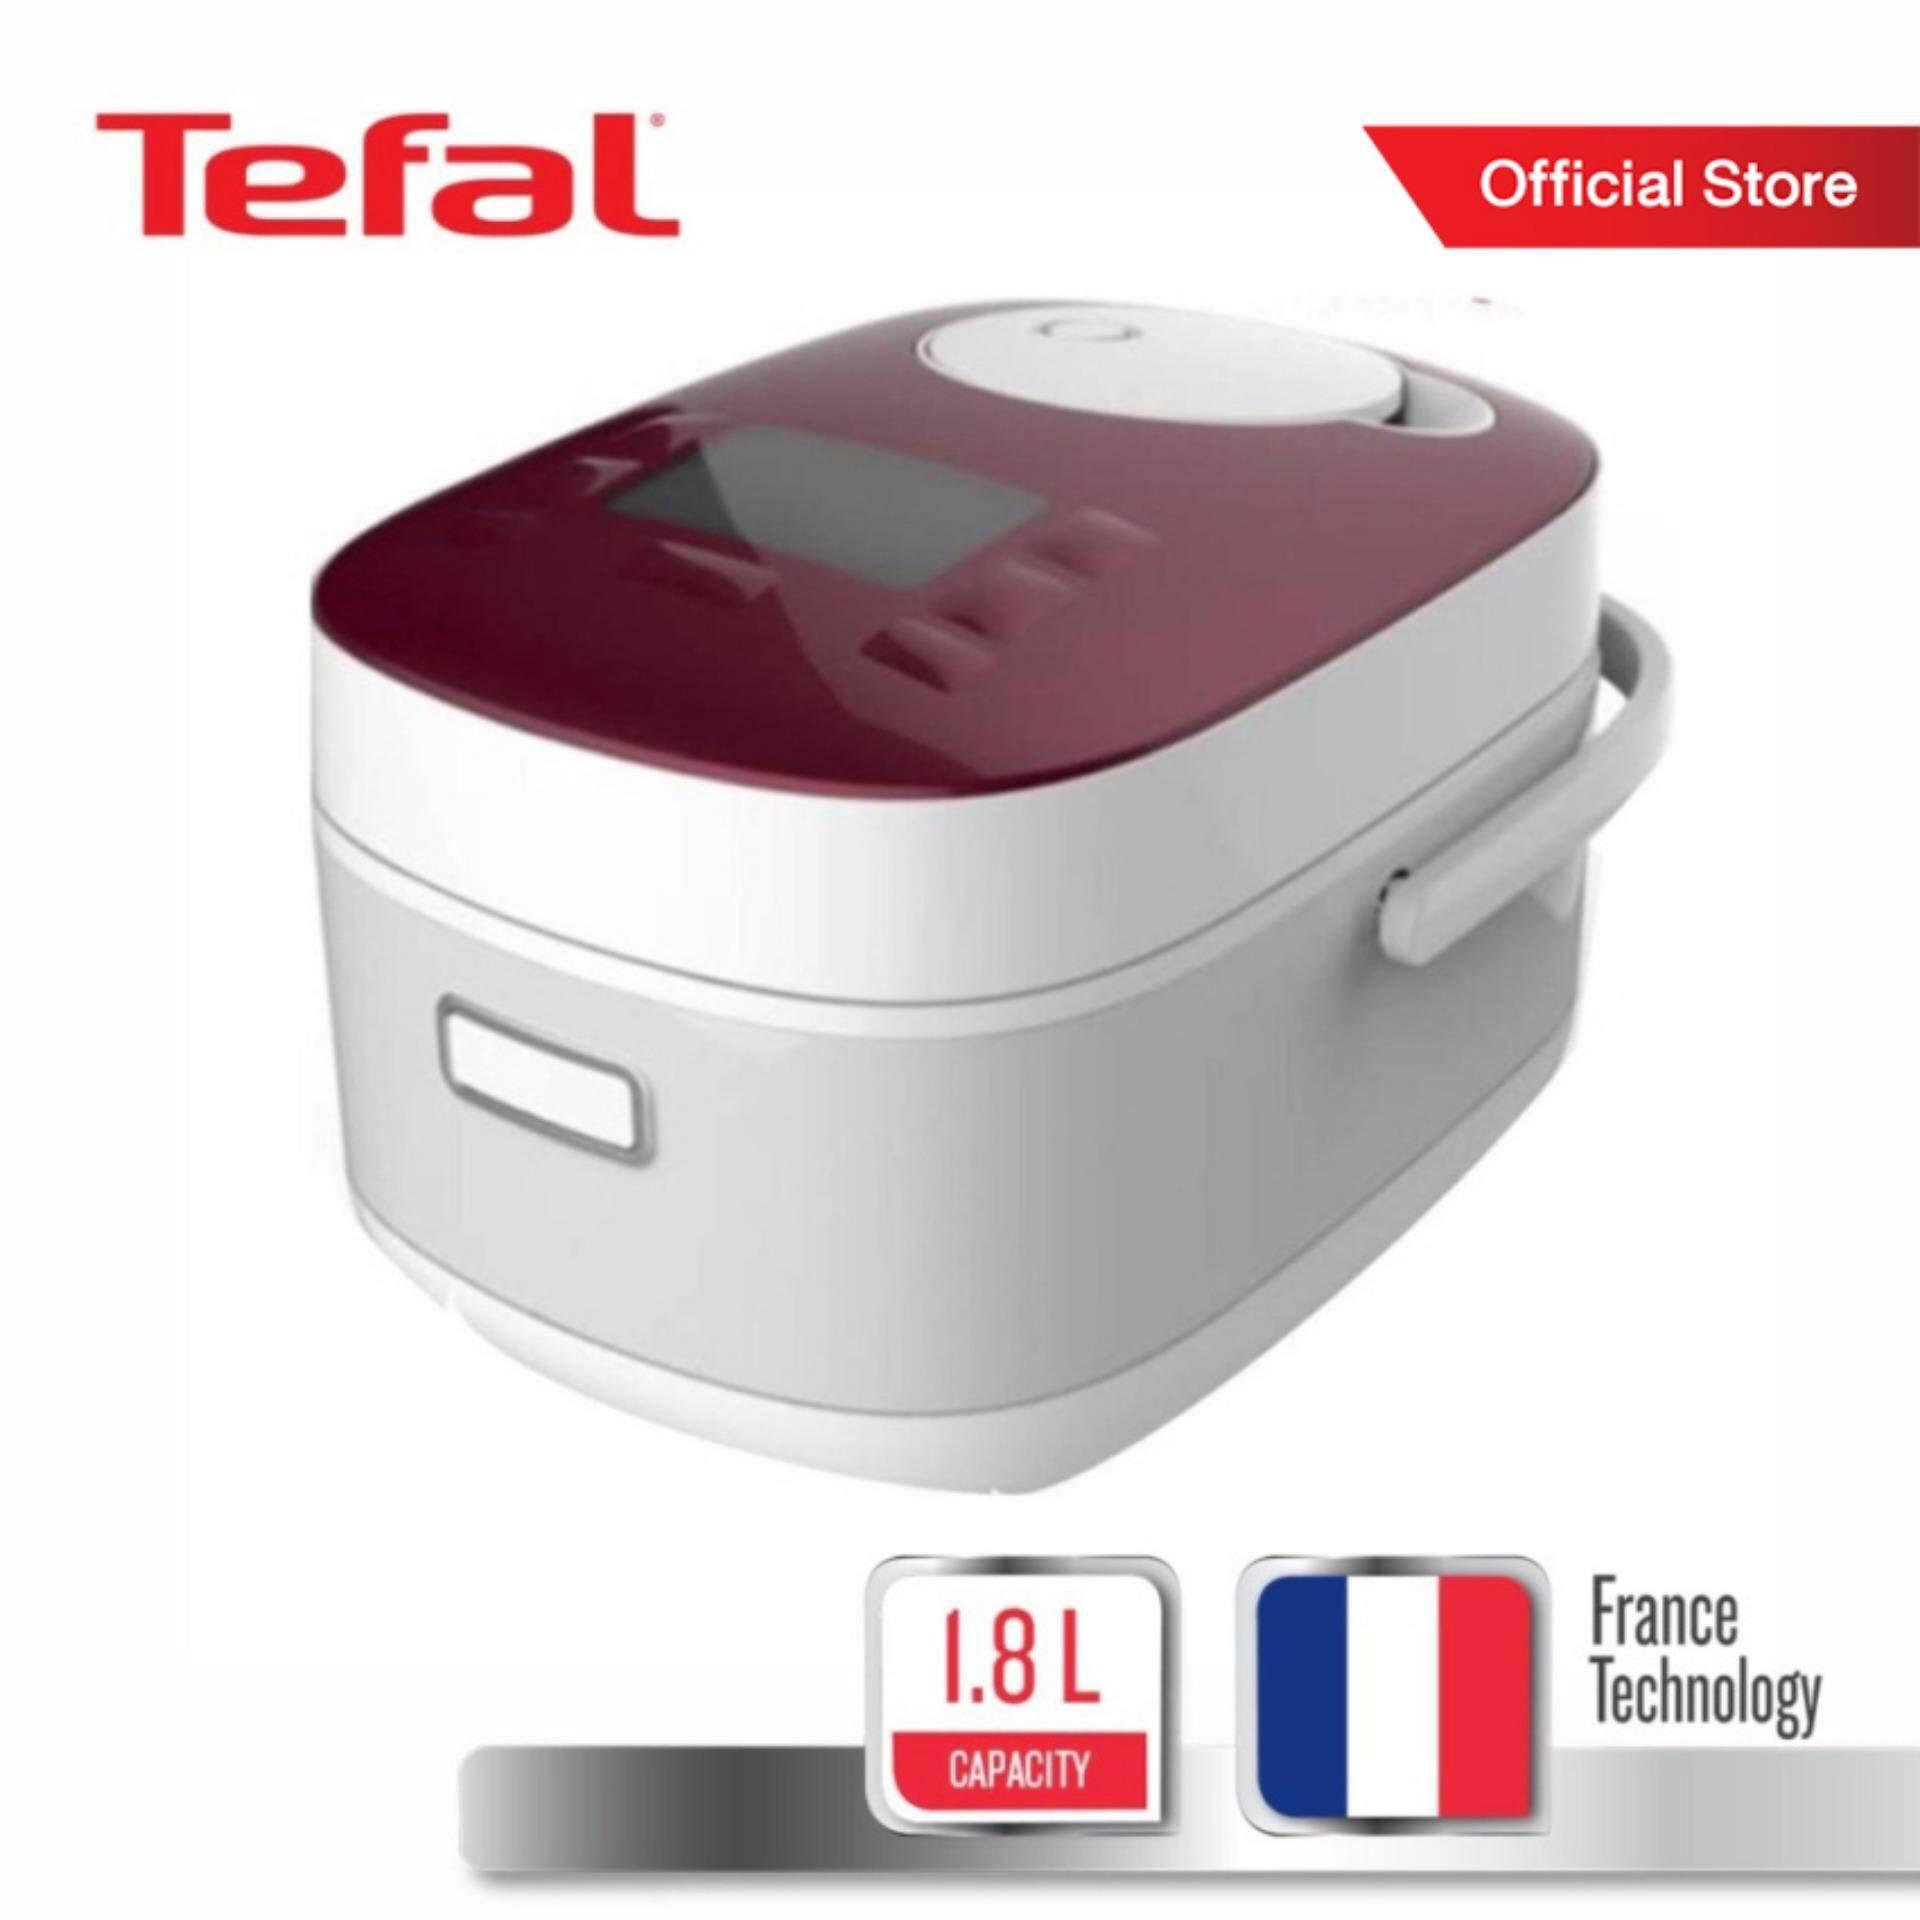 Tefal หม้อหุงข้าวไฟฟ้าระบบดิจิตอล กำลังไฟ 750 W ขนาดความจุ 1.8 ลิตร รุ่น RK8145TH -White